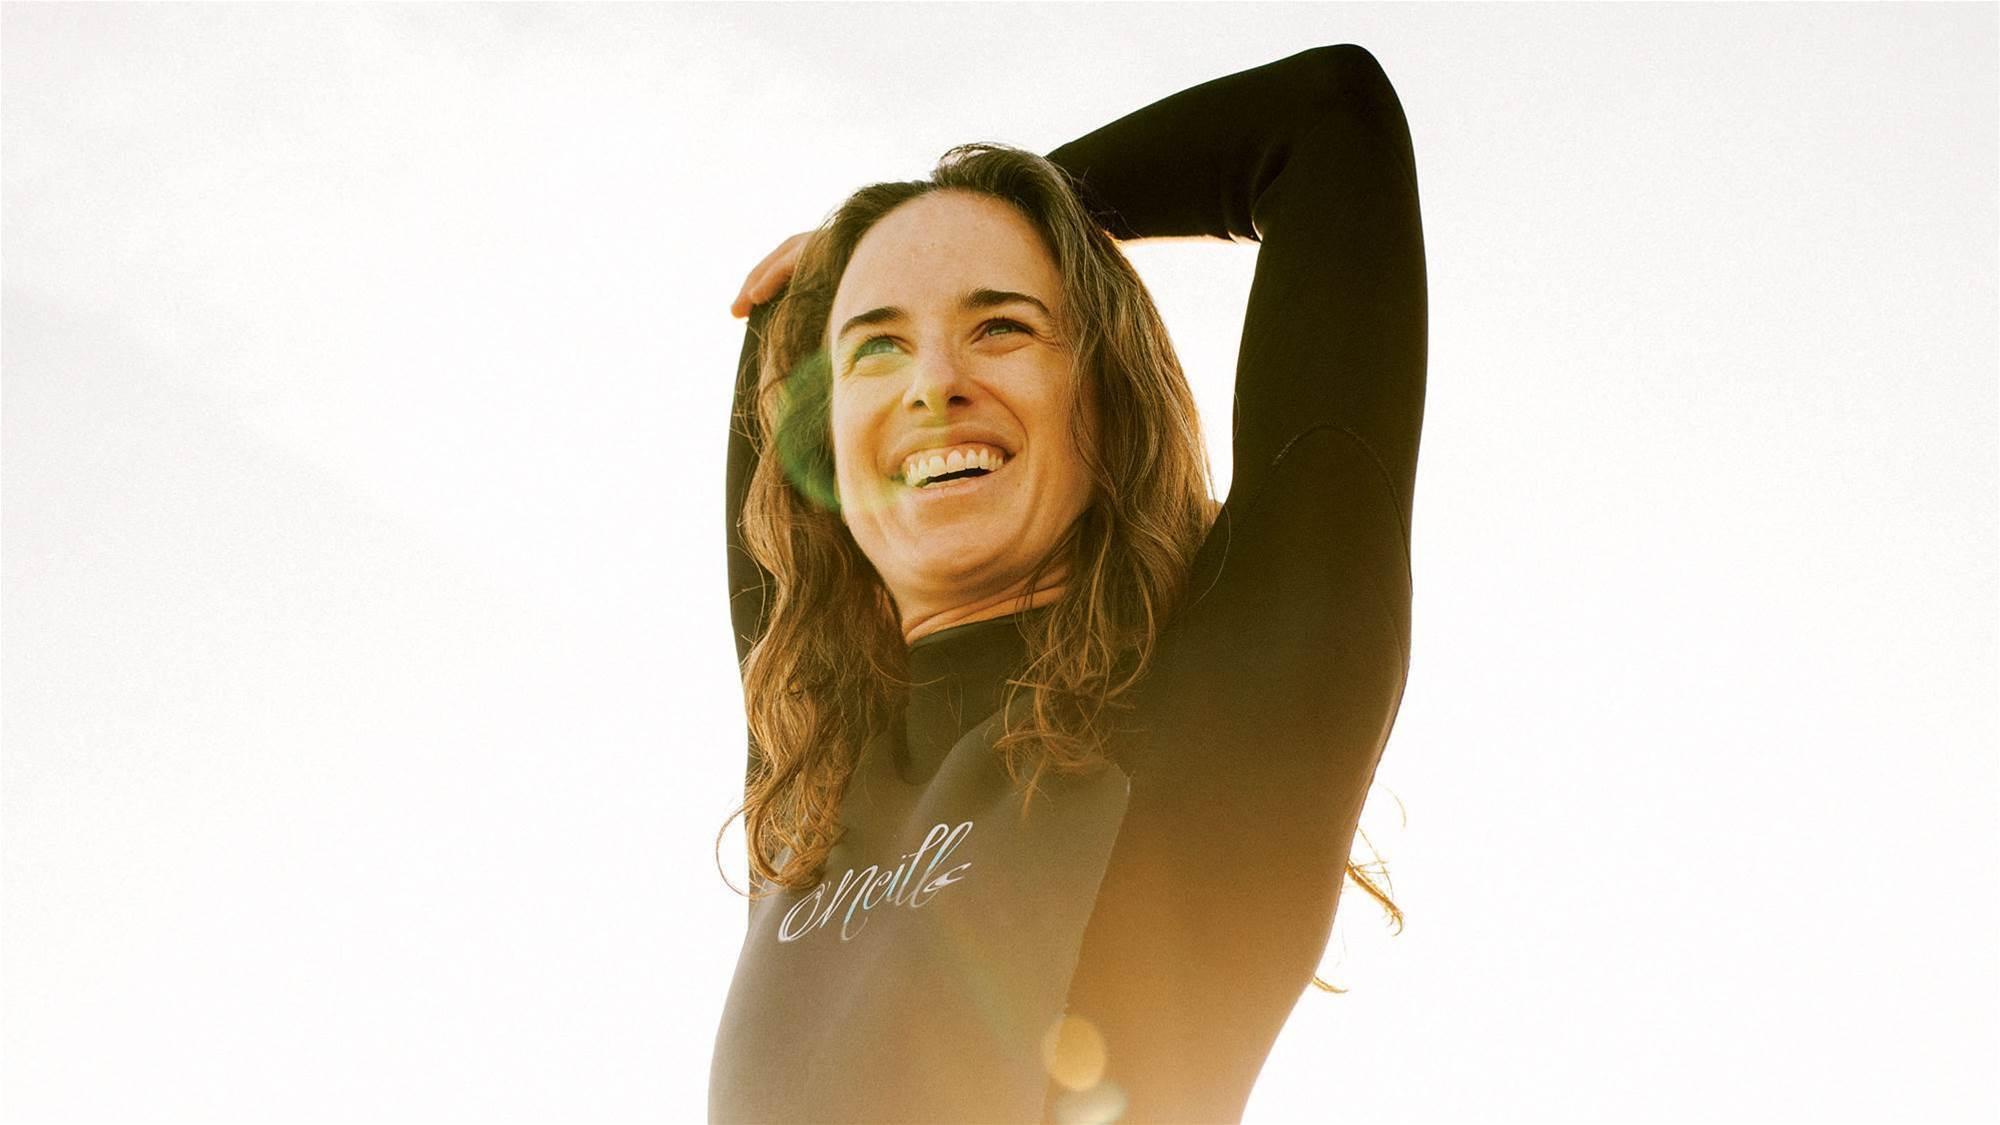 So Much Stoke: Lea Davison on surfing